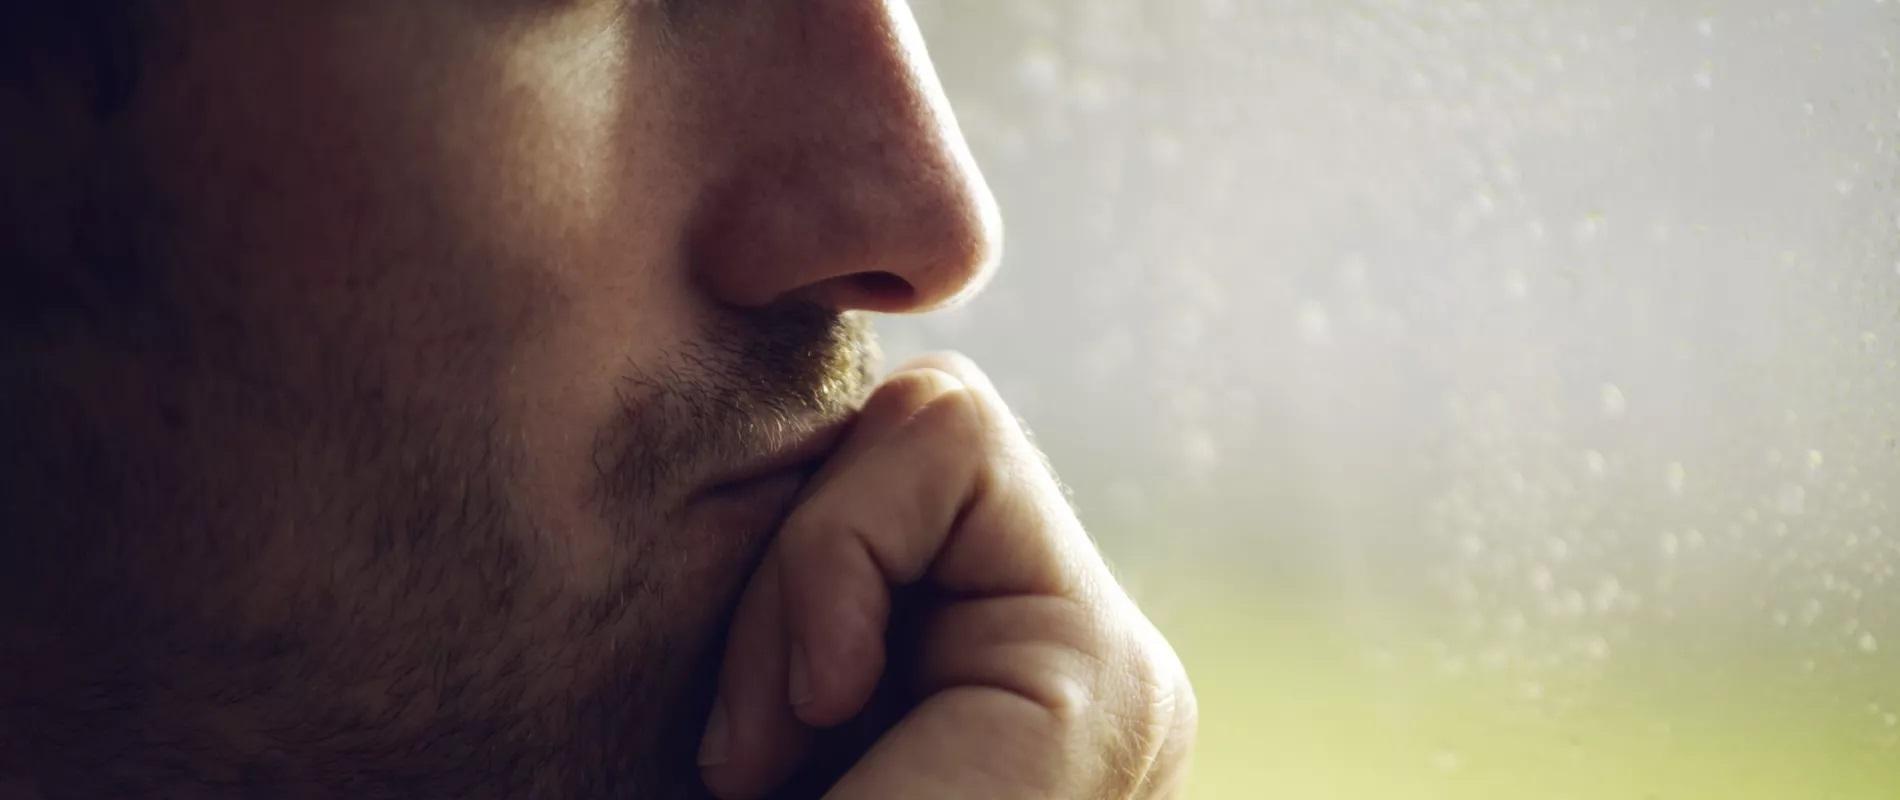 violences-conjugales--le-silence-des-hommes-battus.jpg